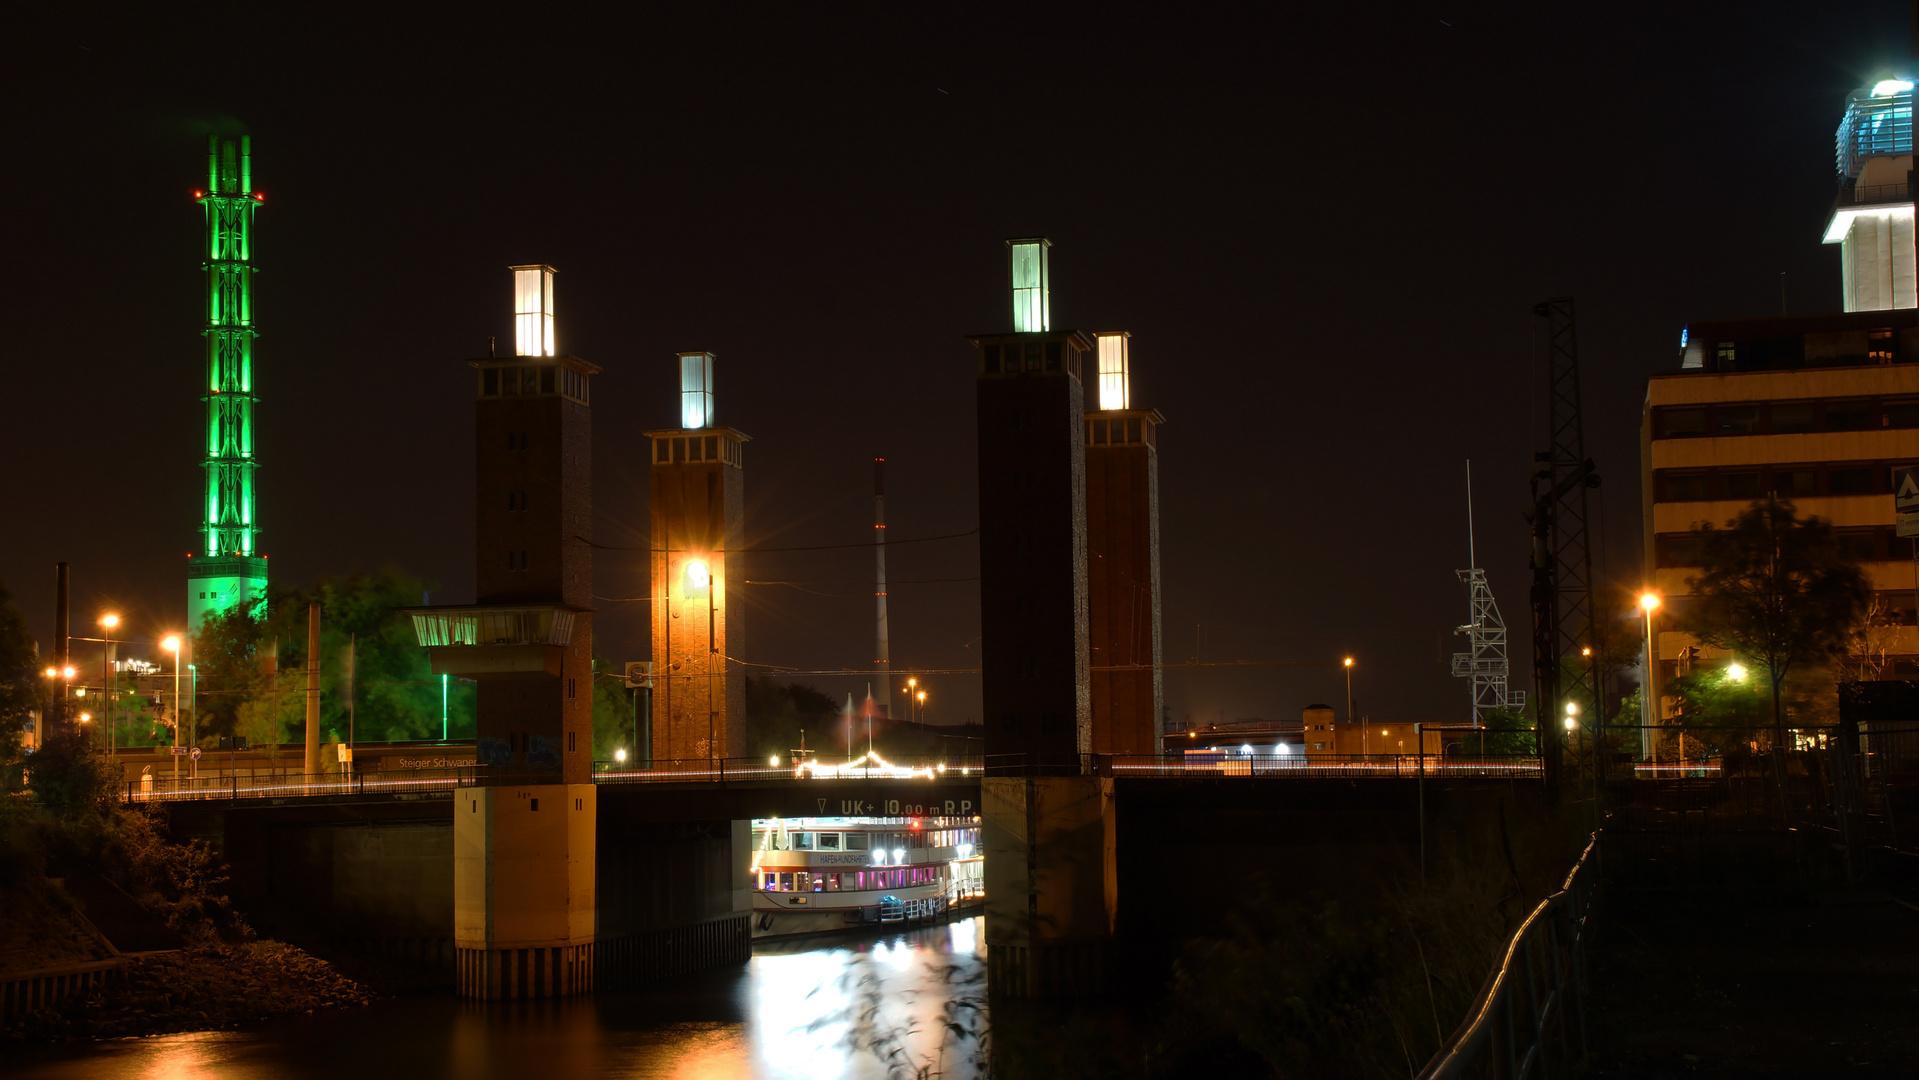 Schwanentorbrücke Duisburg